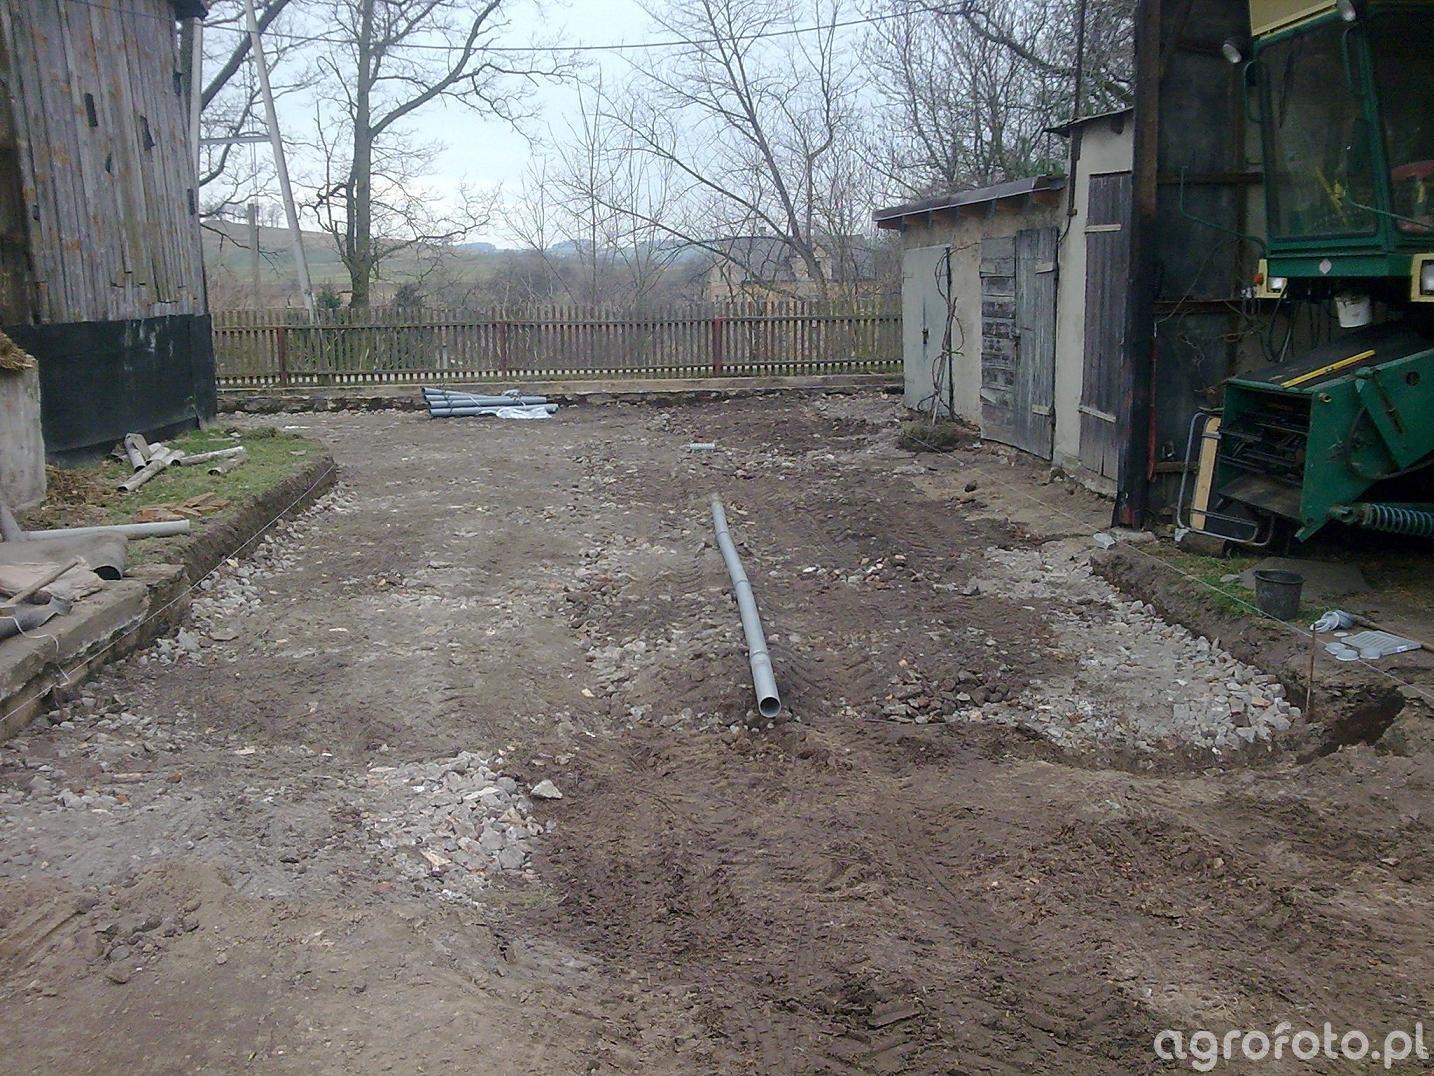 Podwórko przed garażami